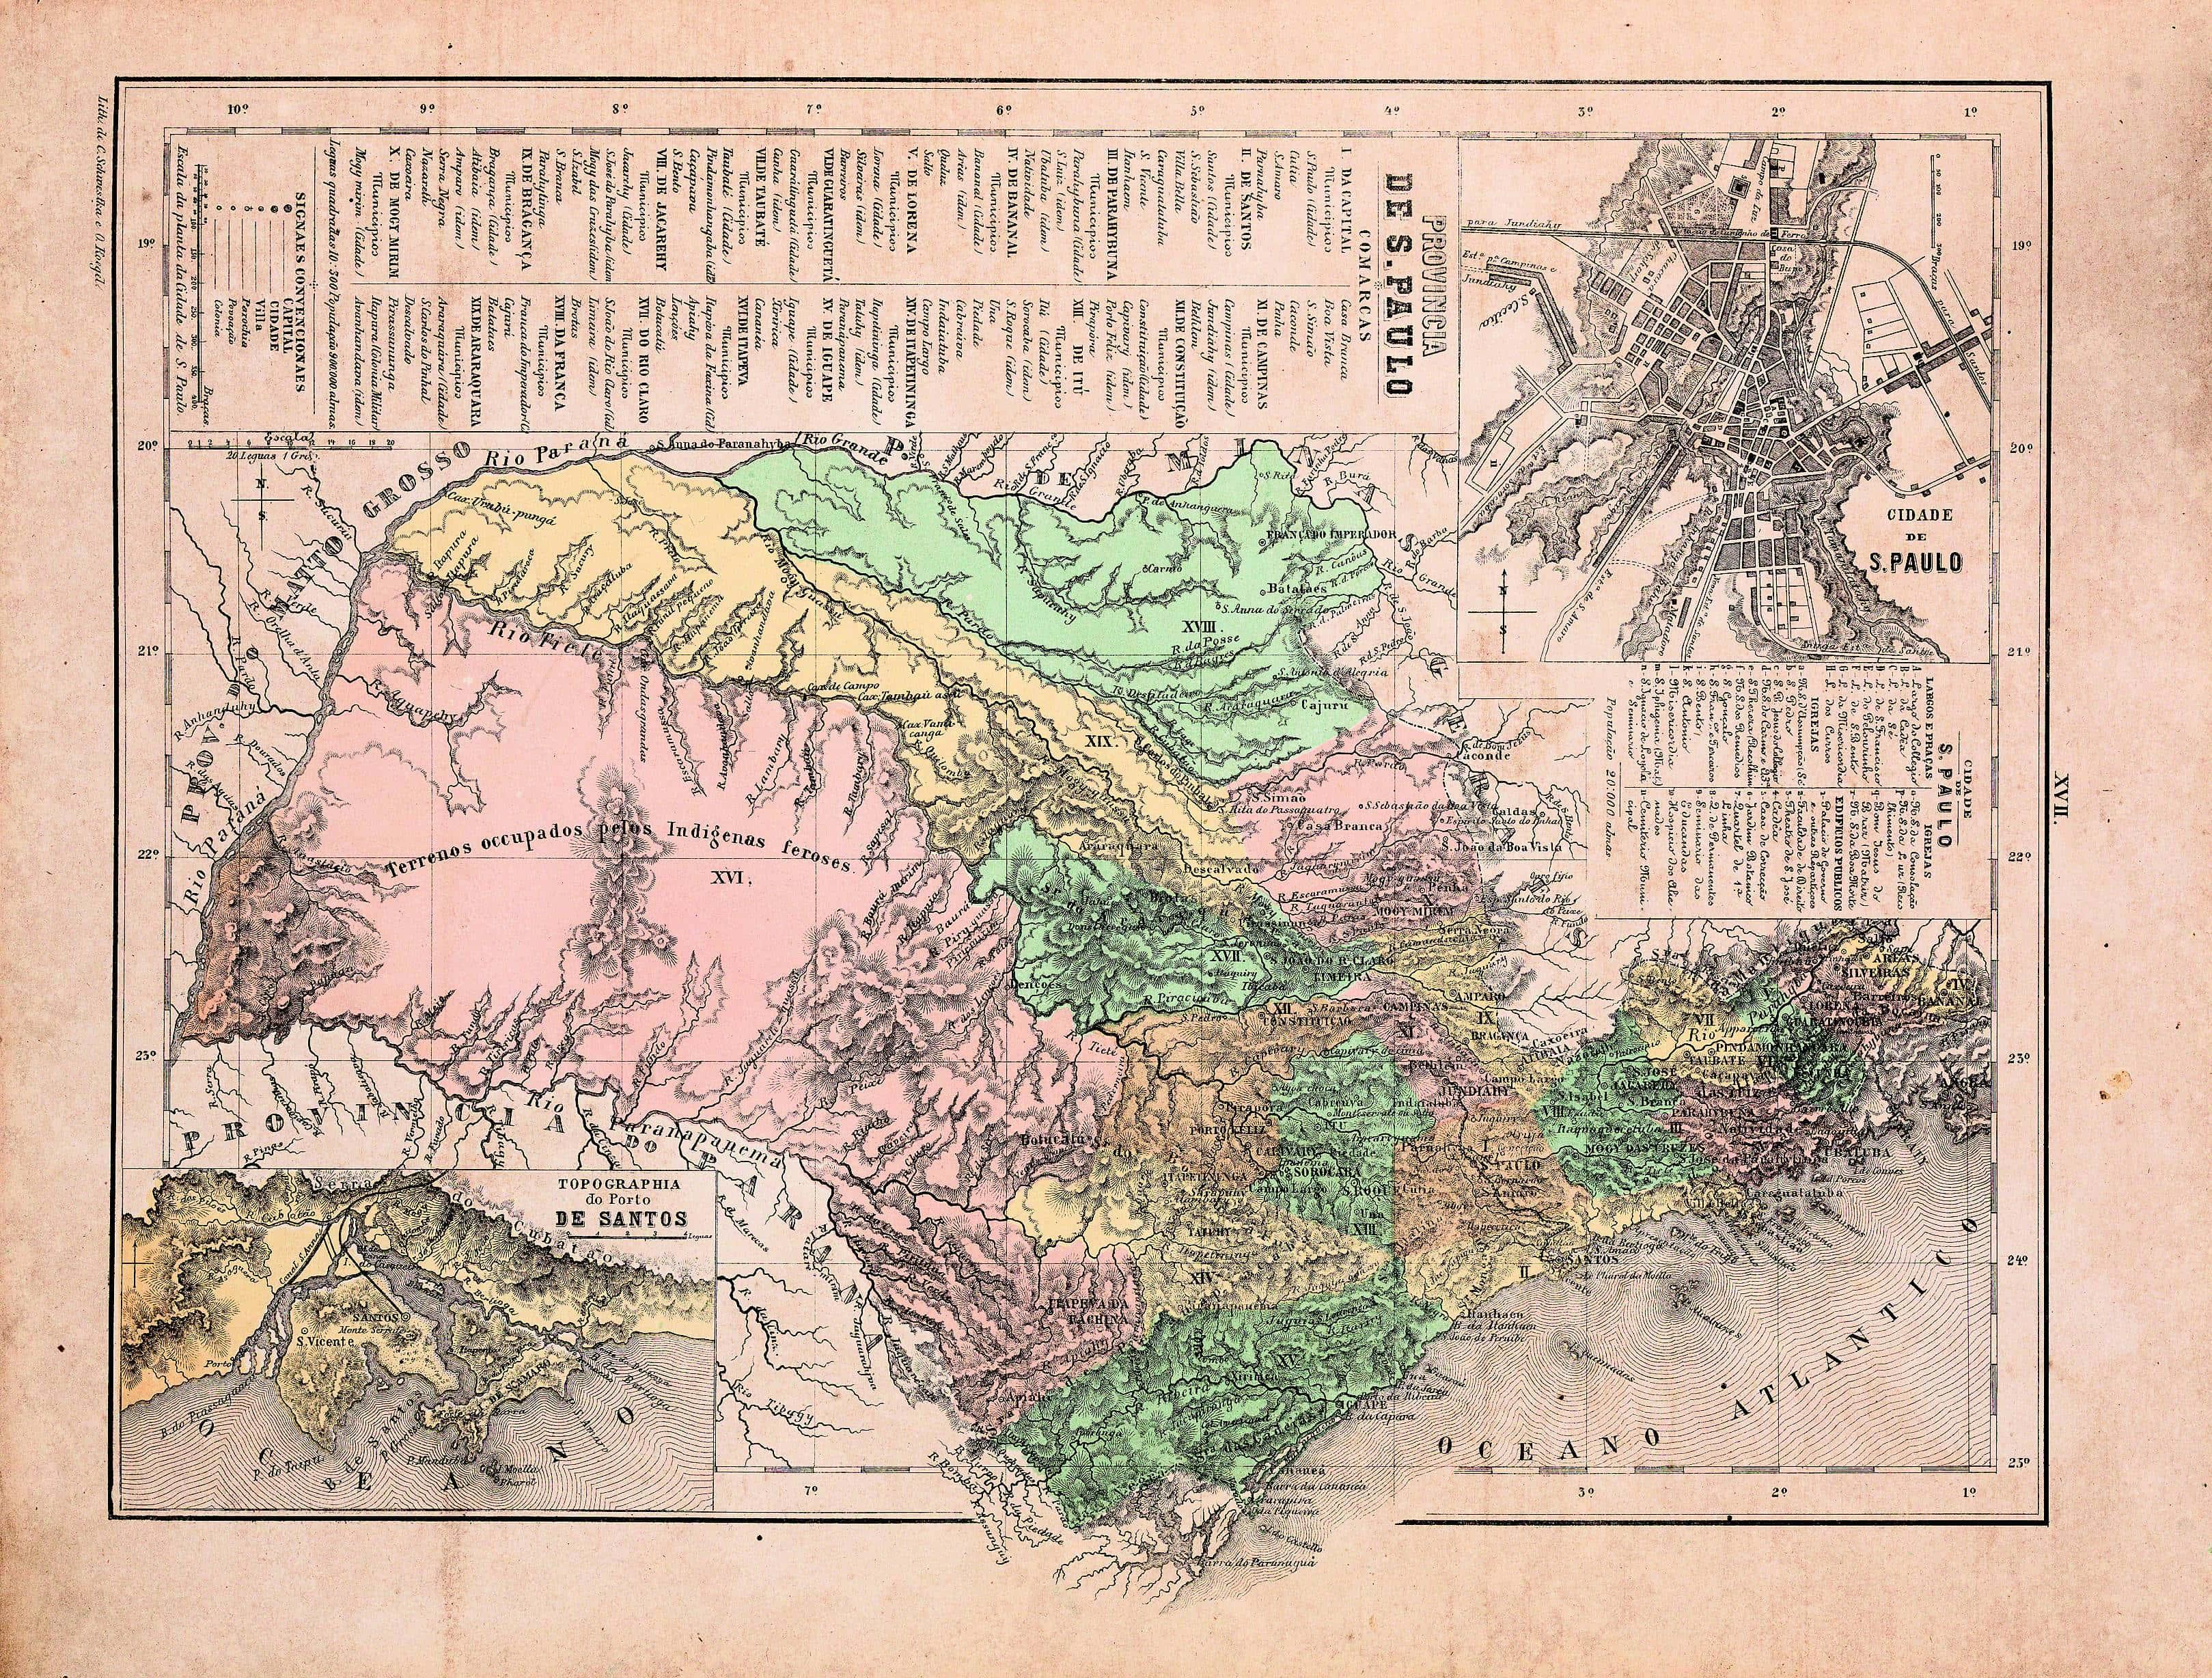 Mapa antigo de São Paulo de 1868 e Topografia de Santos